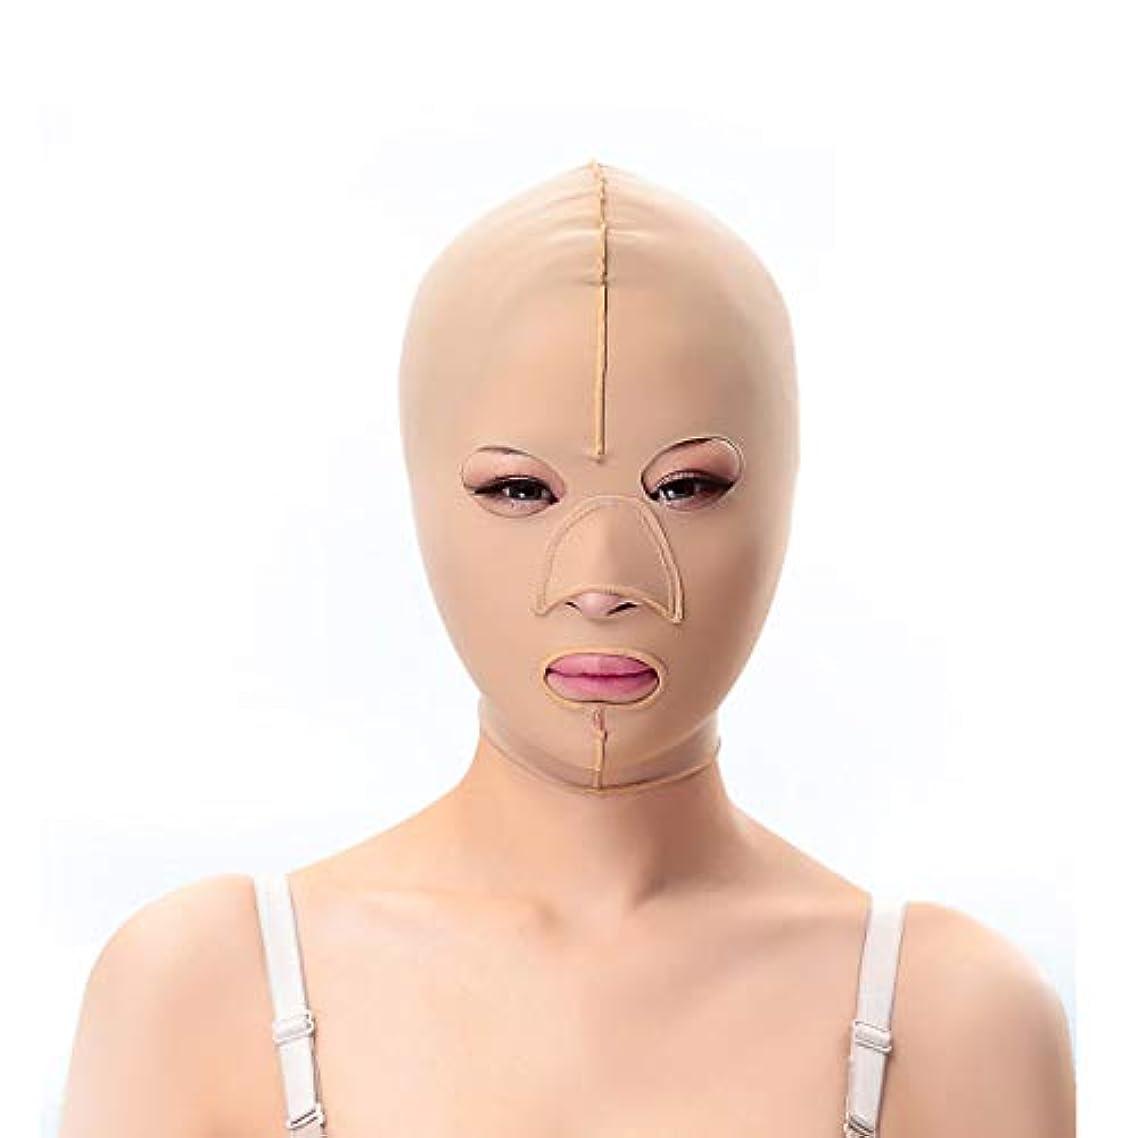 内陸誓約不適当TLMY 減量ベルトマスクフェイスマスク神聖なパターンリフト二重あご引き締め顔面プラスチック顔面アーティファクト強力な顔面包帯 顔用整形マスク (Size : S)